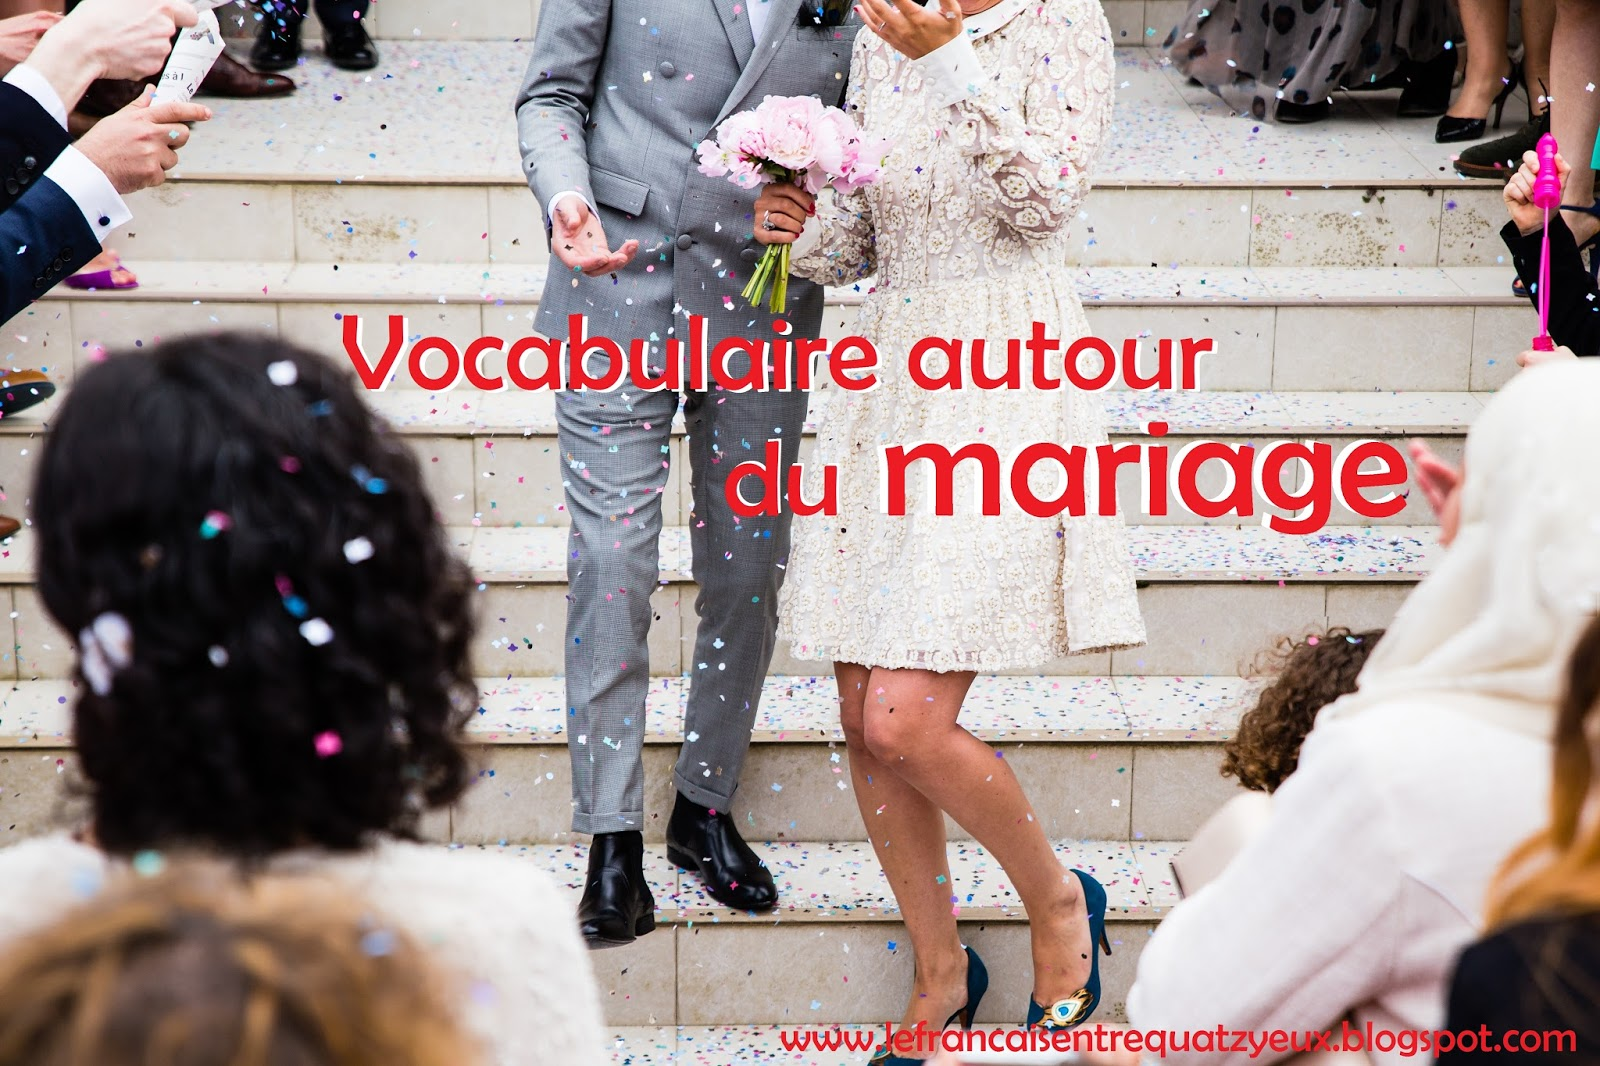 dissertation sur le consentement du mariage Le consentement au mariage ne doit pas être réduit à un c'est en vain que le mari demande la nullité du mariage sur le fondement des articles 146 et 180.